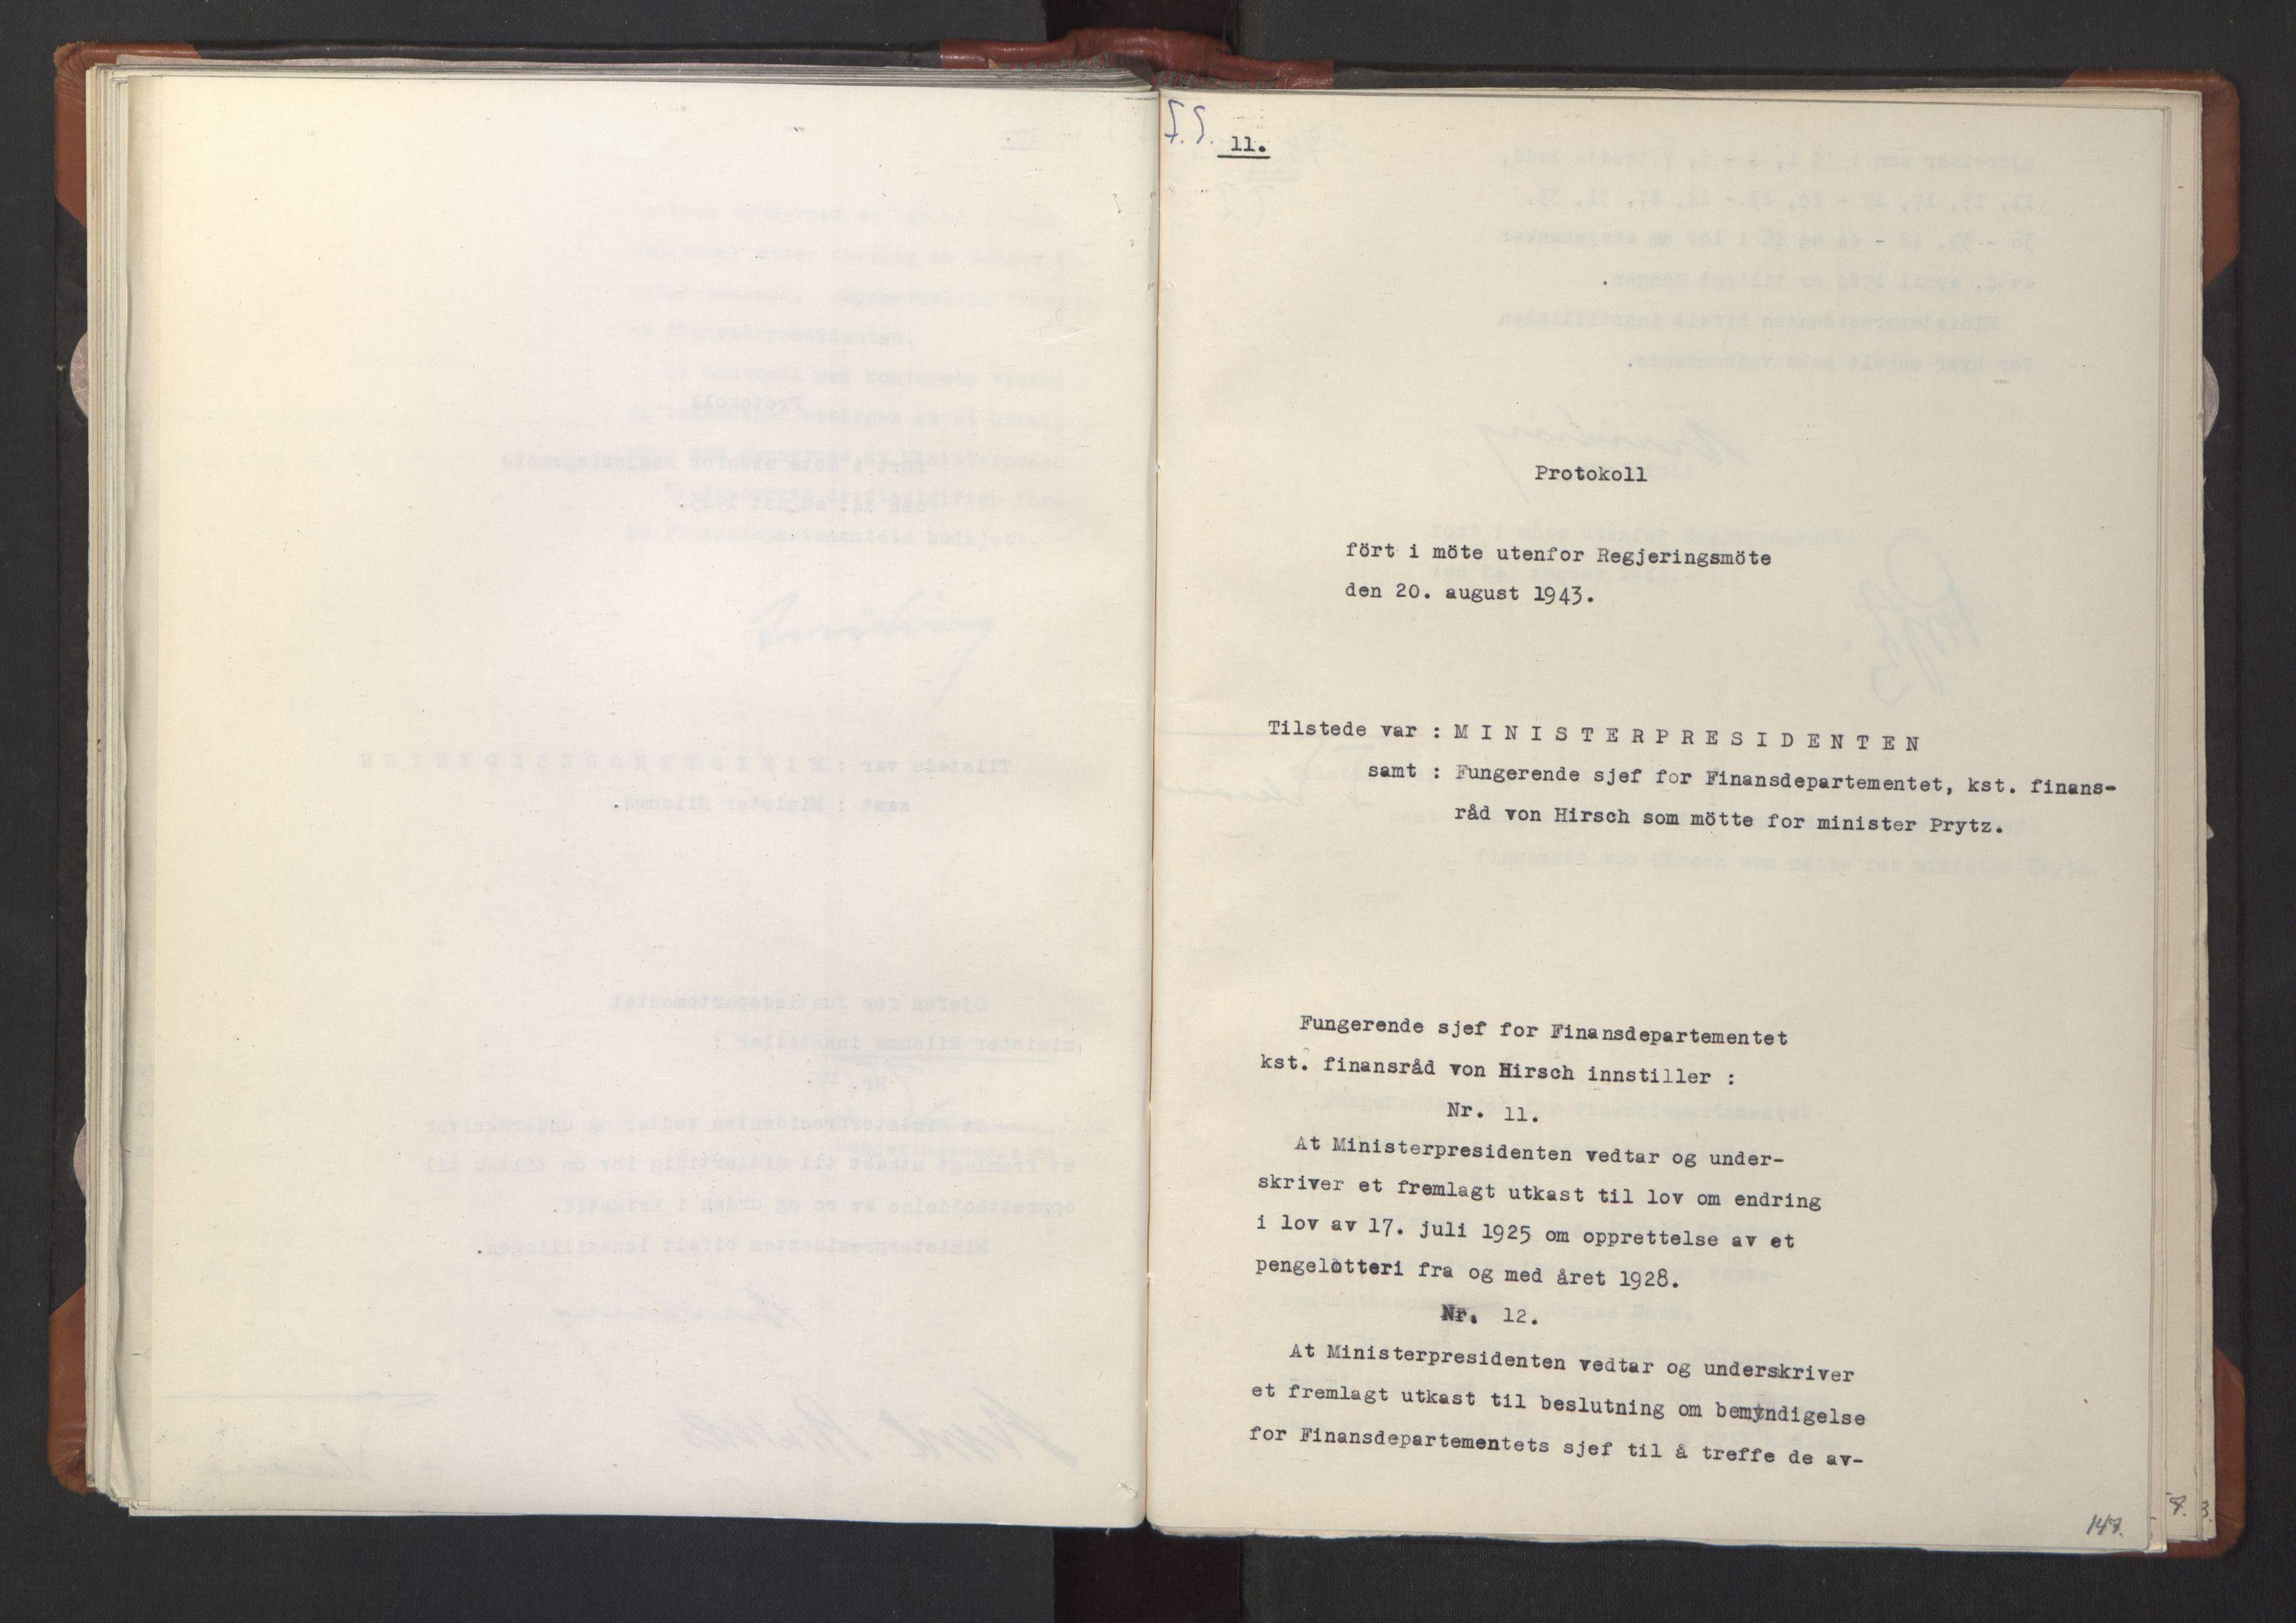 RA, NS-administrasjonen 1940-1945 (Statsrådsekretariatet, de kommisariske statsråder mm), D/Da/L0003: Vedtak (Beslutninger) nr. 1-746 og tillegg nr. 1-47 (RA. j.nr. 1394/1944, tilgangsnr. 8/1944, 1943, s. 146b-147a